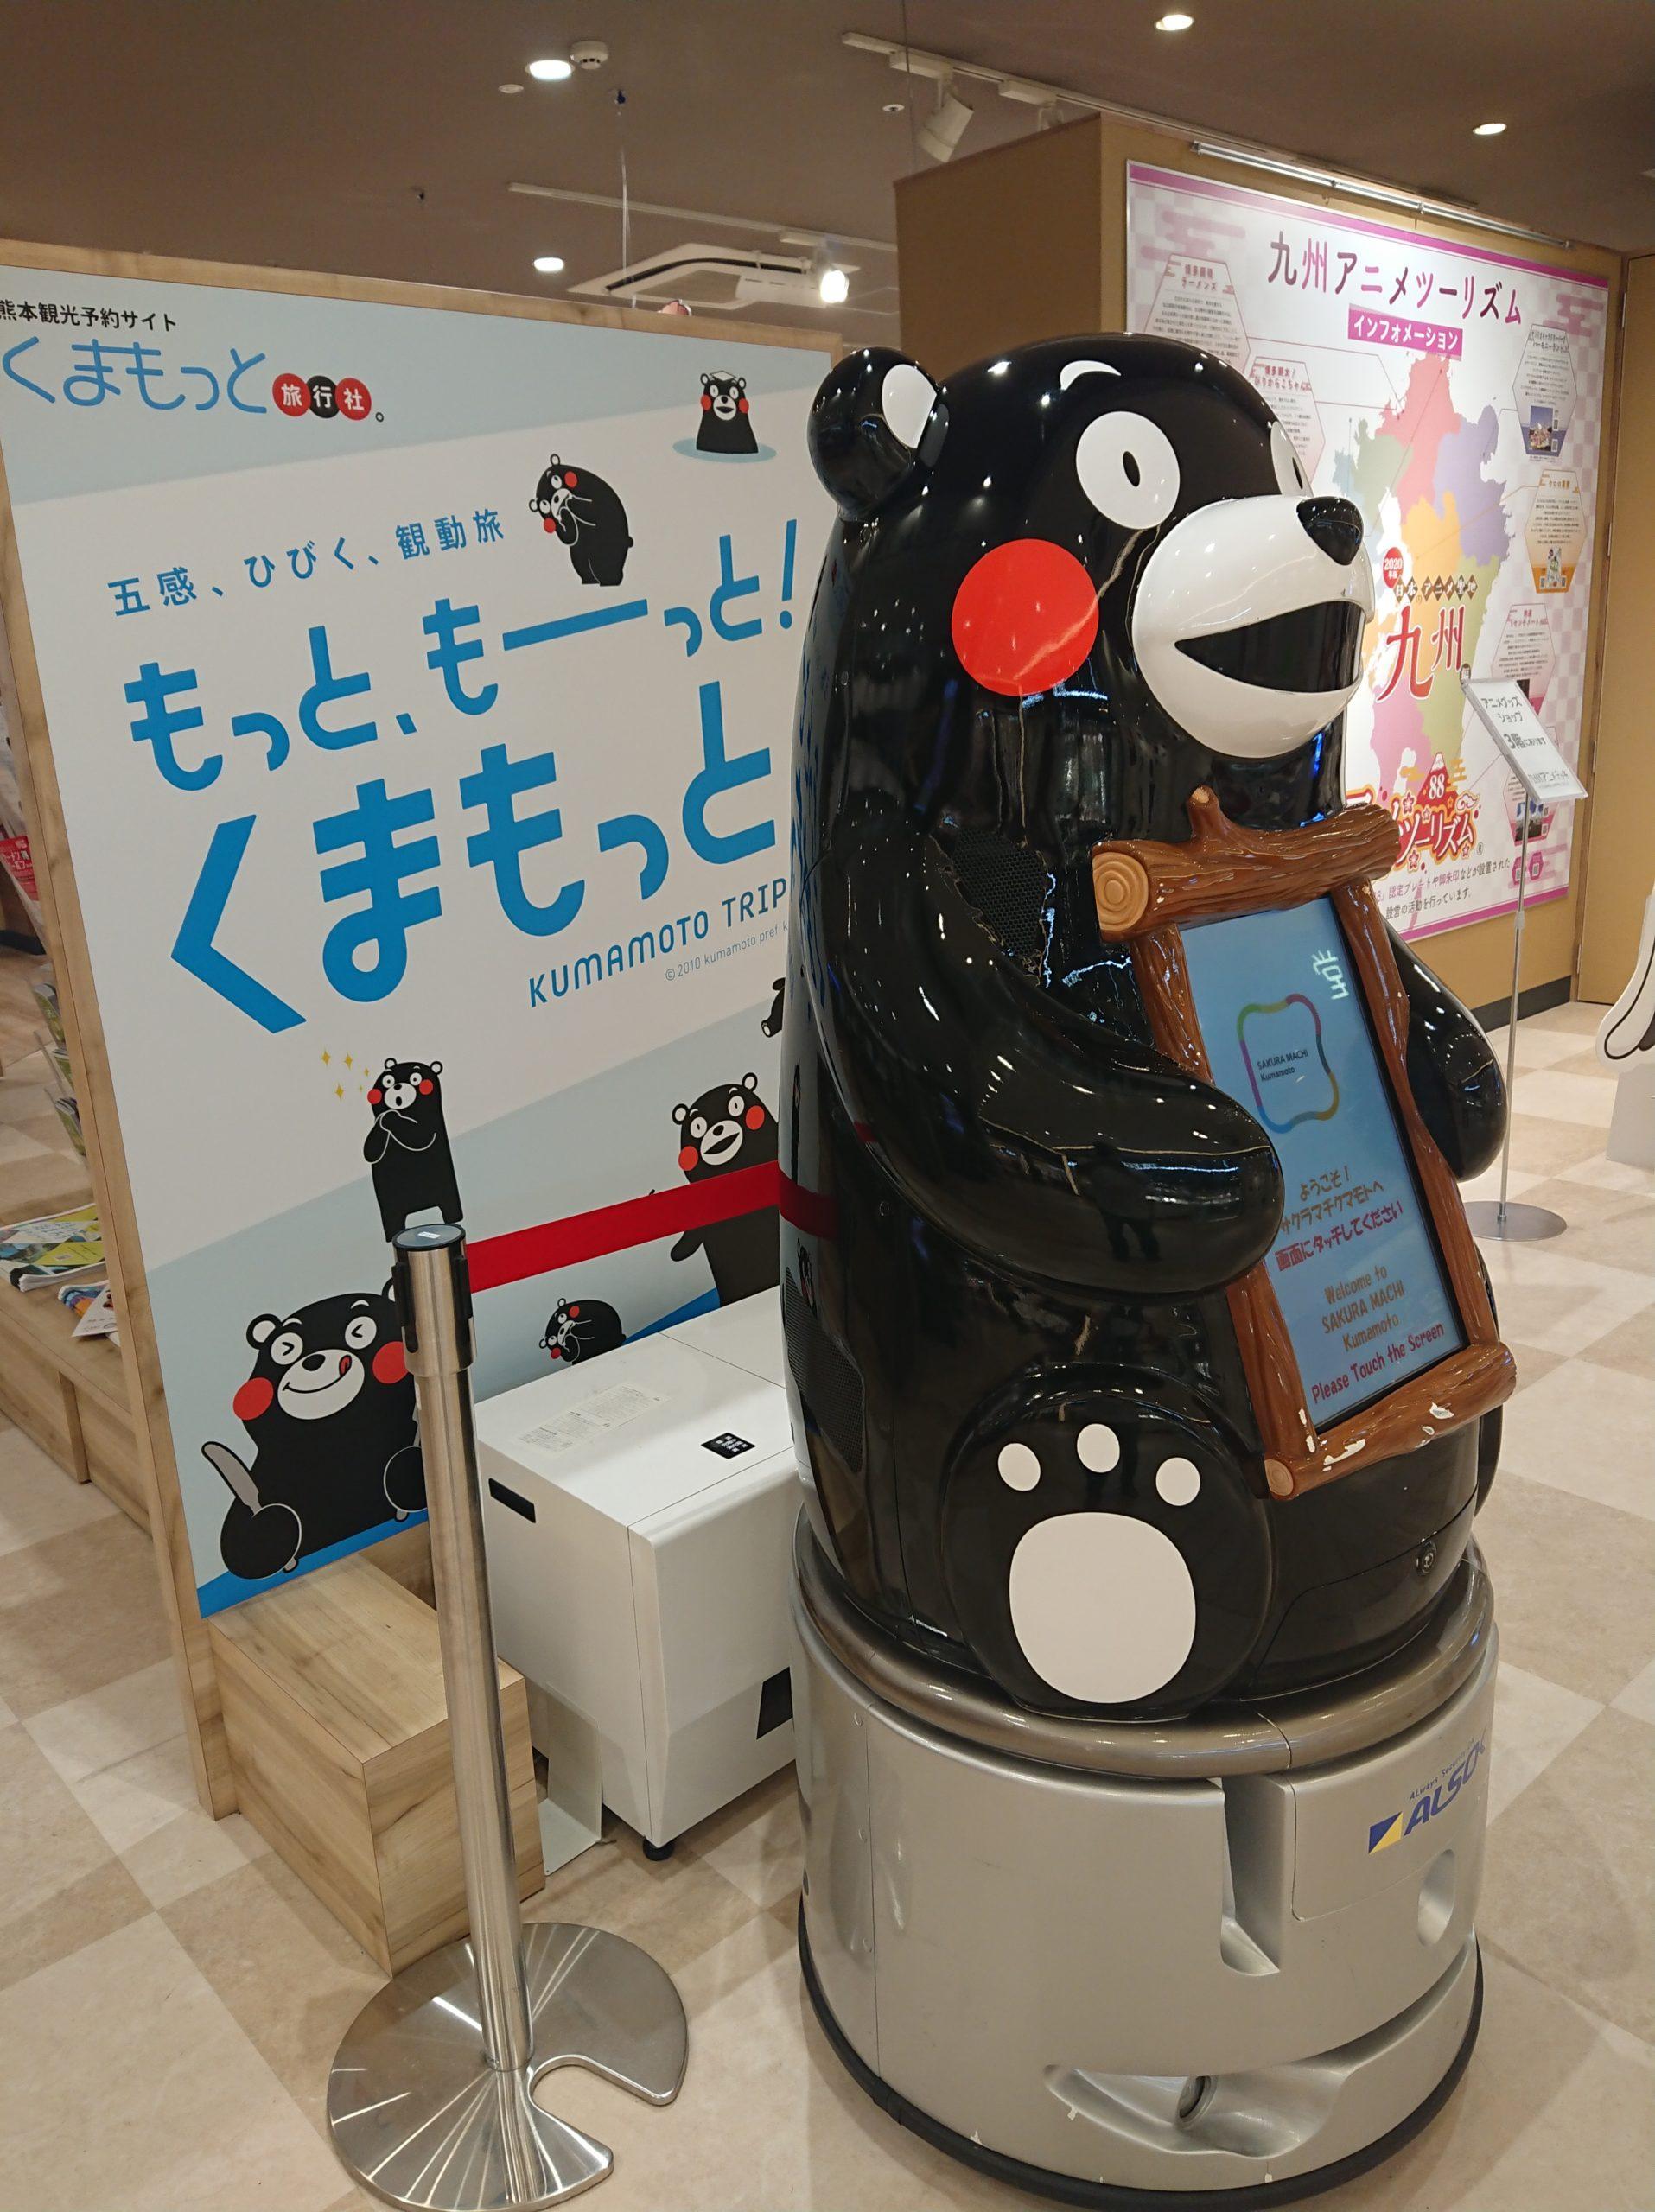 くまもん 熊本サクラマチ